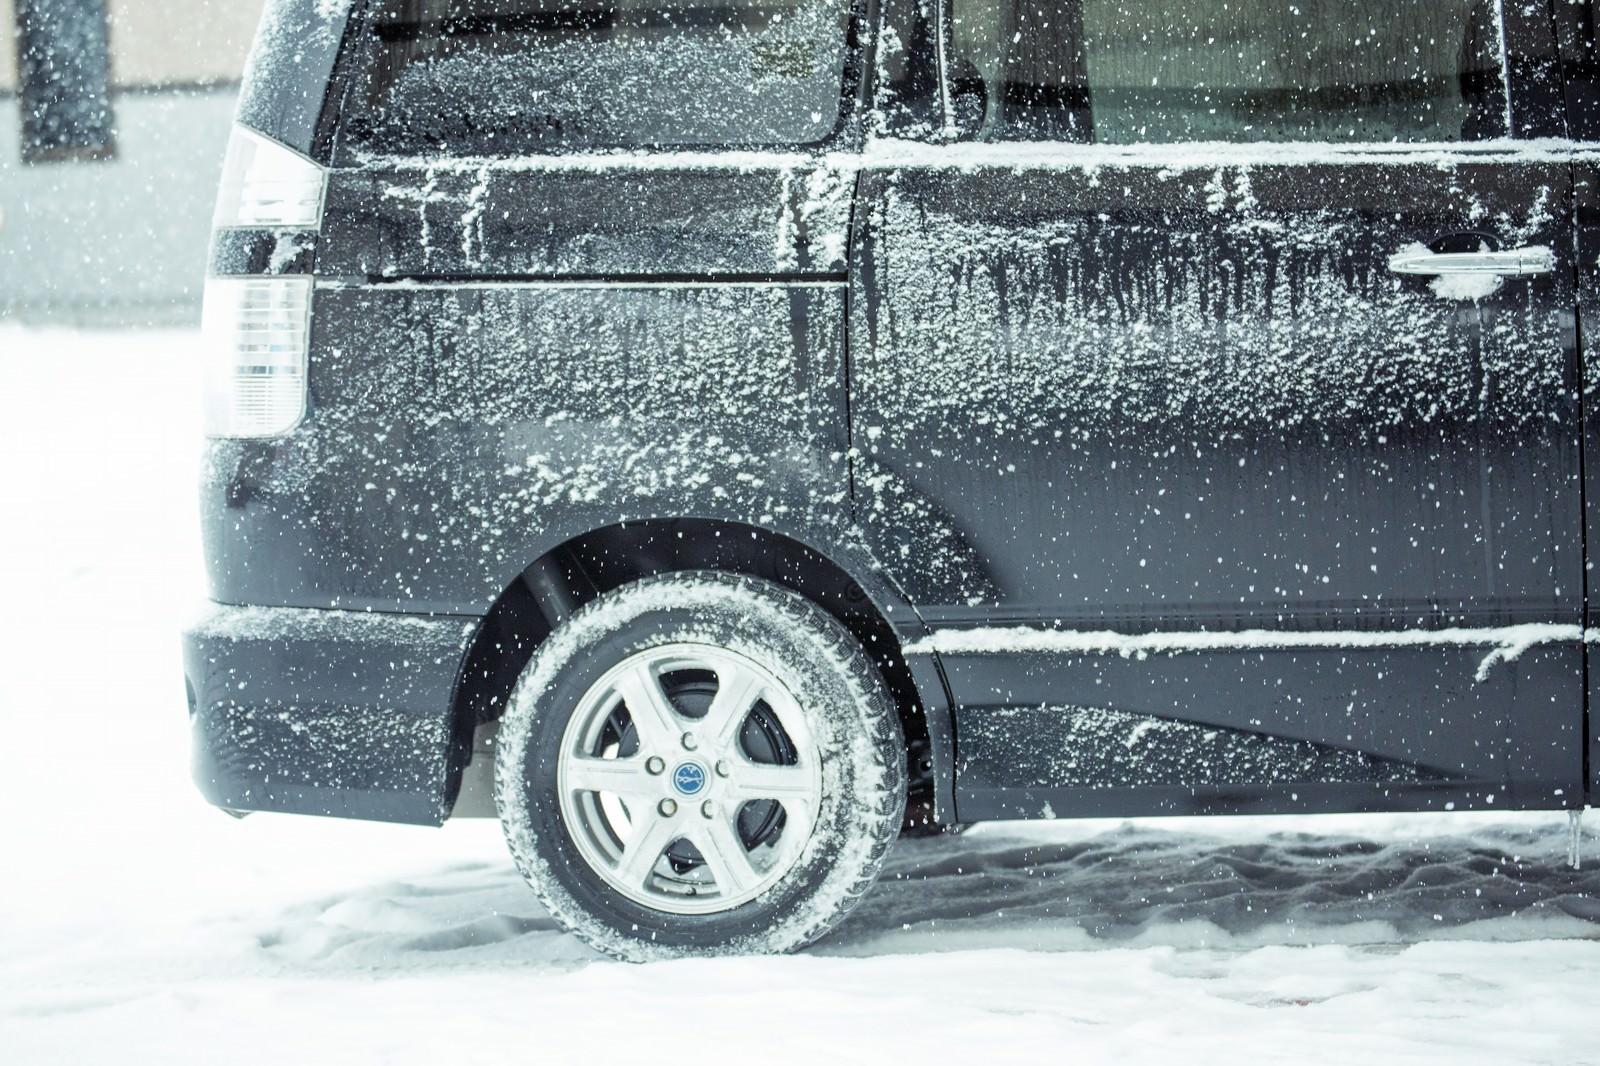 「吹雪の中の黒いワゴン車吹雪の中の黒いワゴン車」のフリー写真素材を拡大